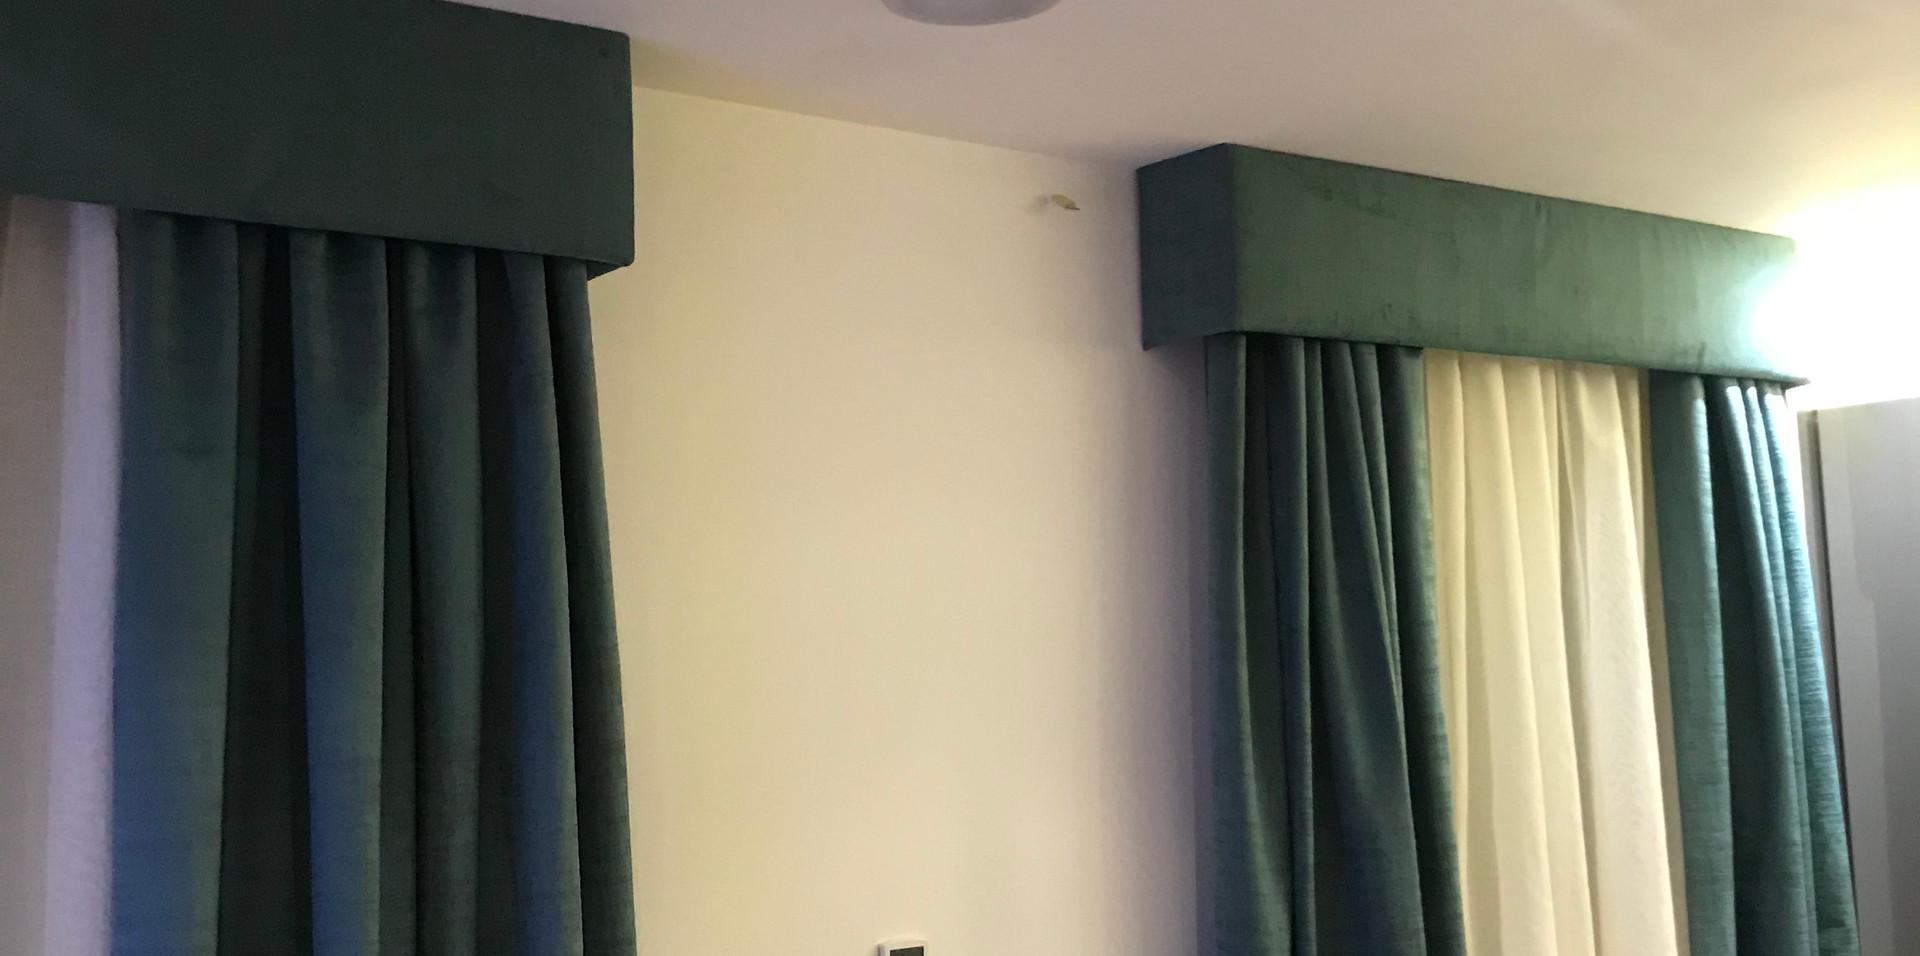 Lamara Interiors | Design & Build